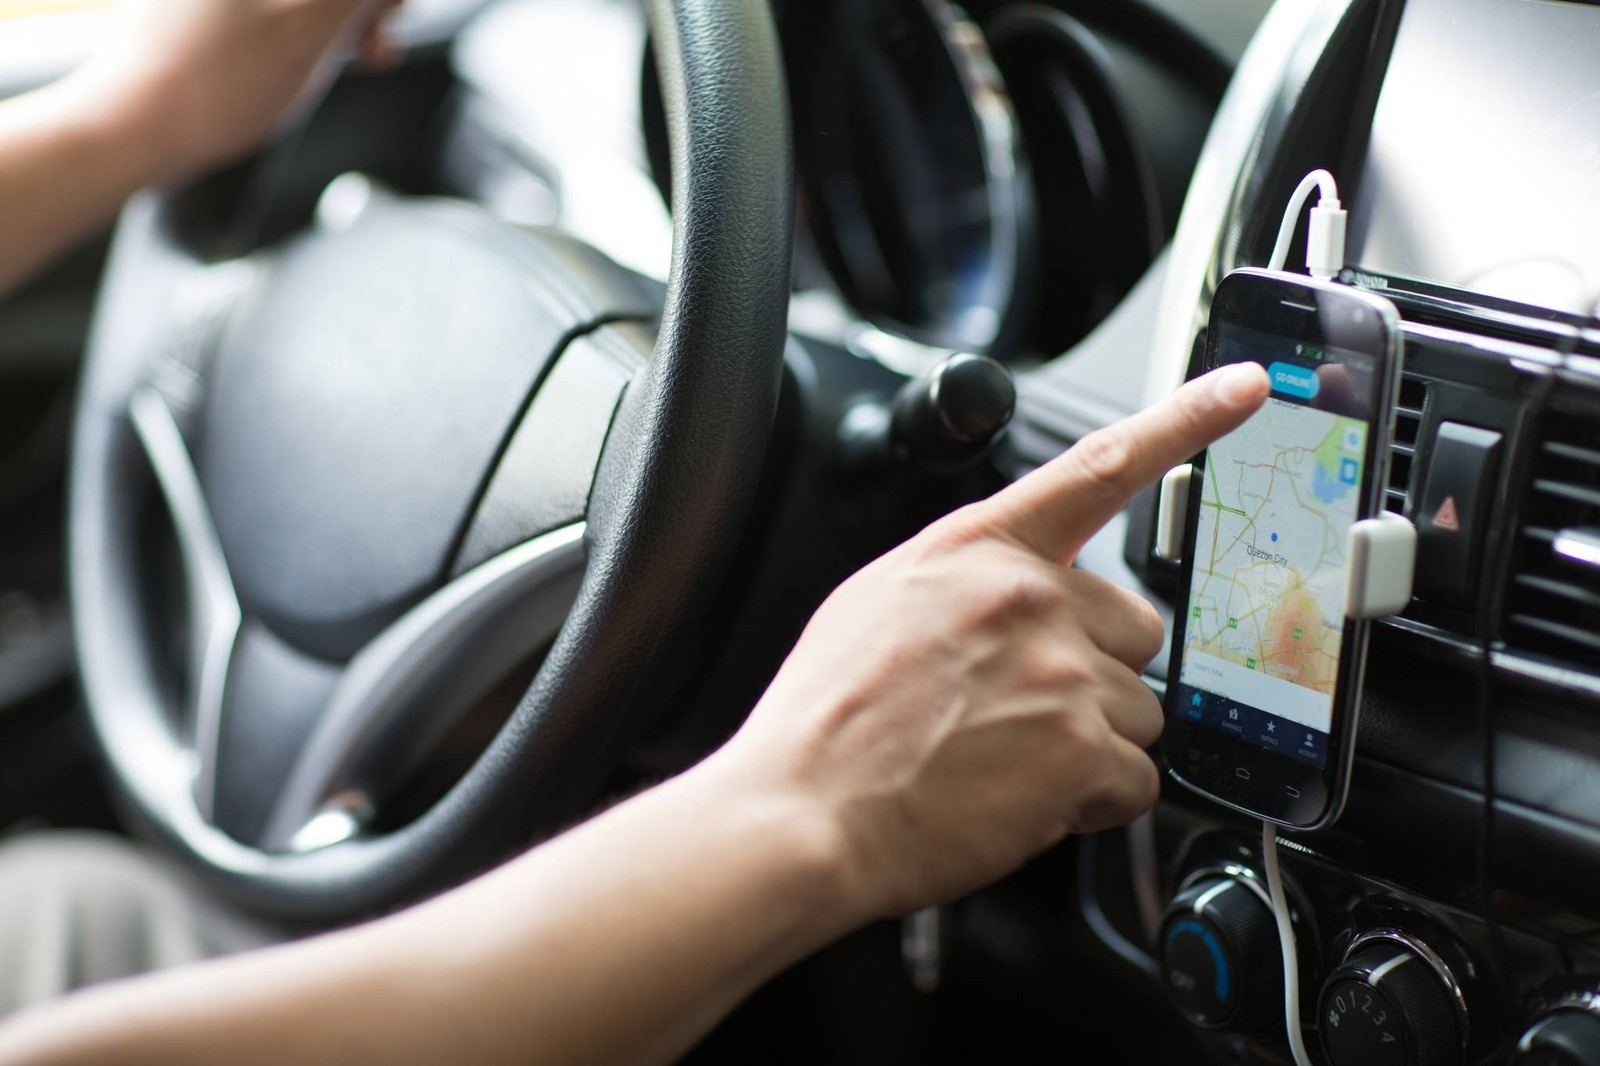 Prefeitura começa a fiscalizar veículos de motoristas de aplicativos - Notícias - Plantão Diário